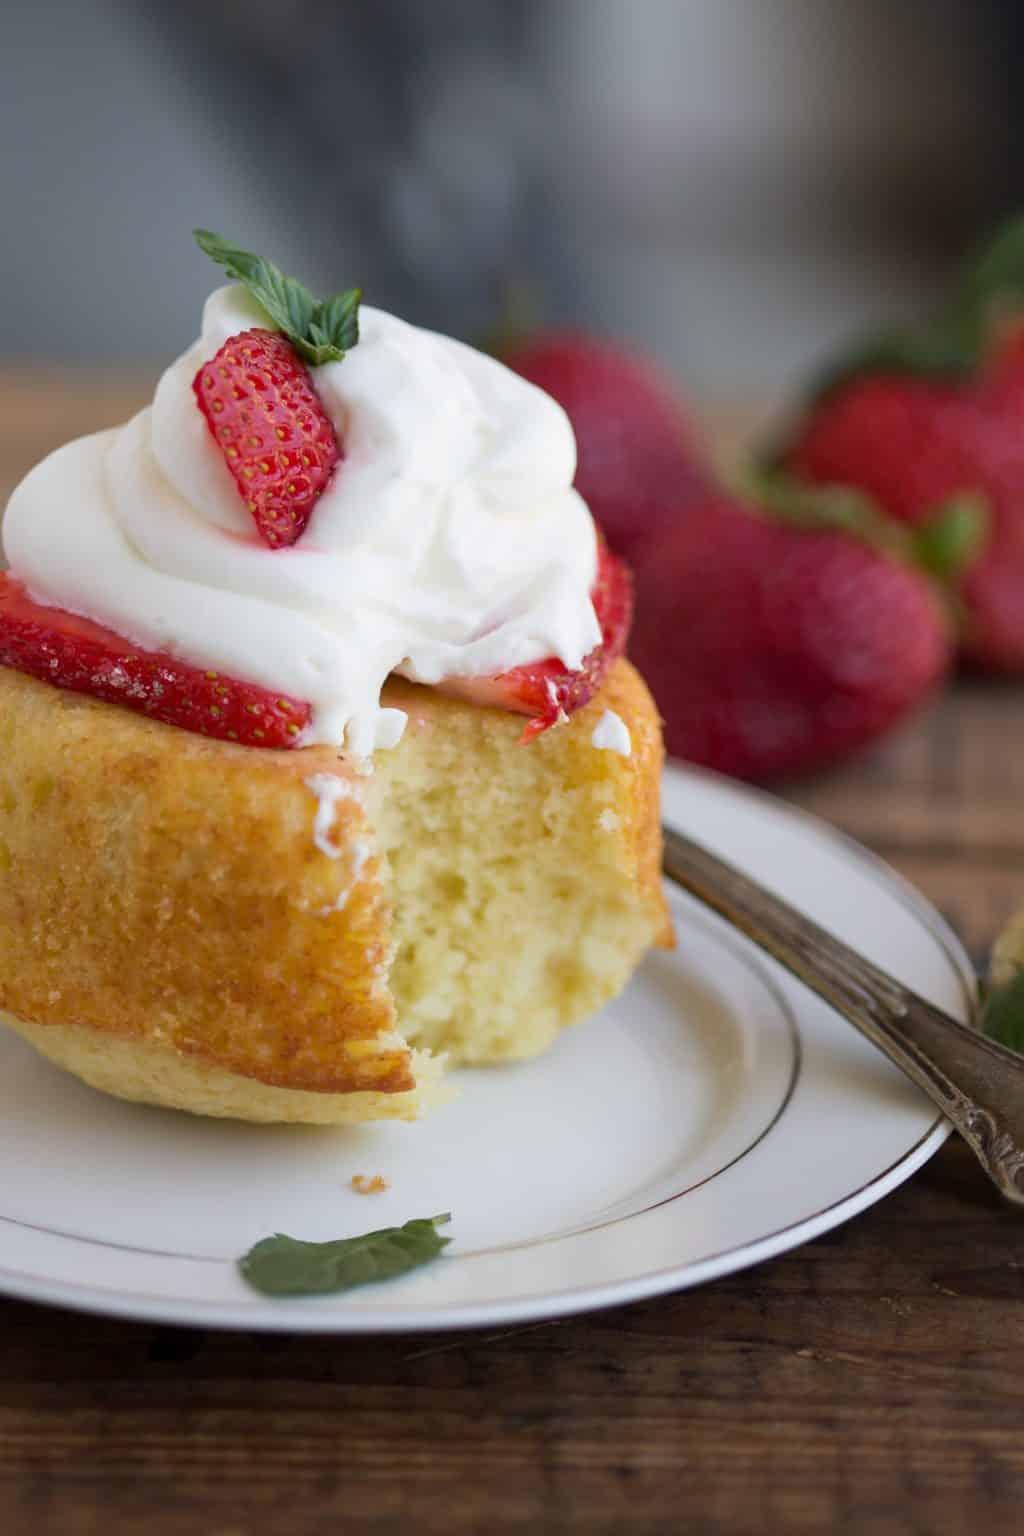 Homemade Strawberry Shortcake Cake Recipe